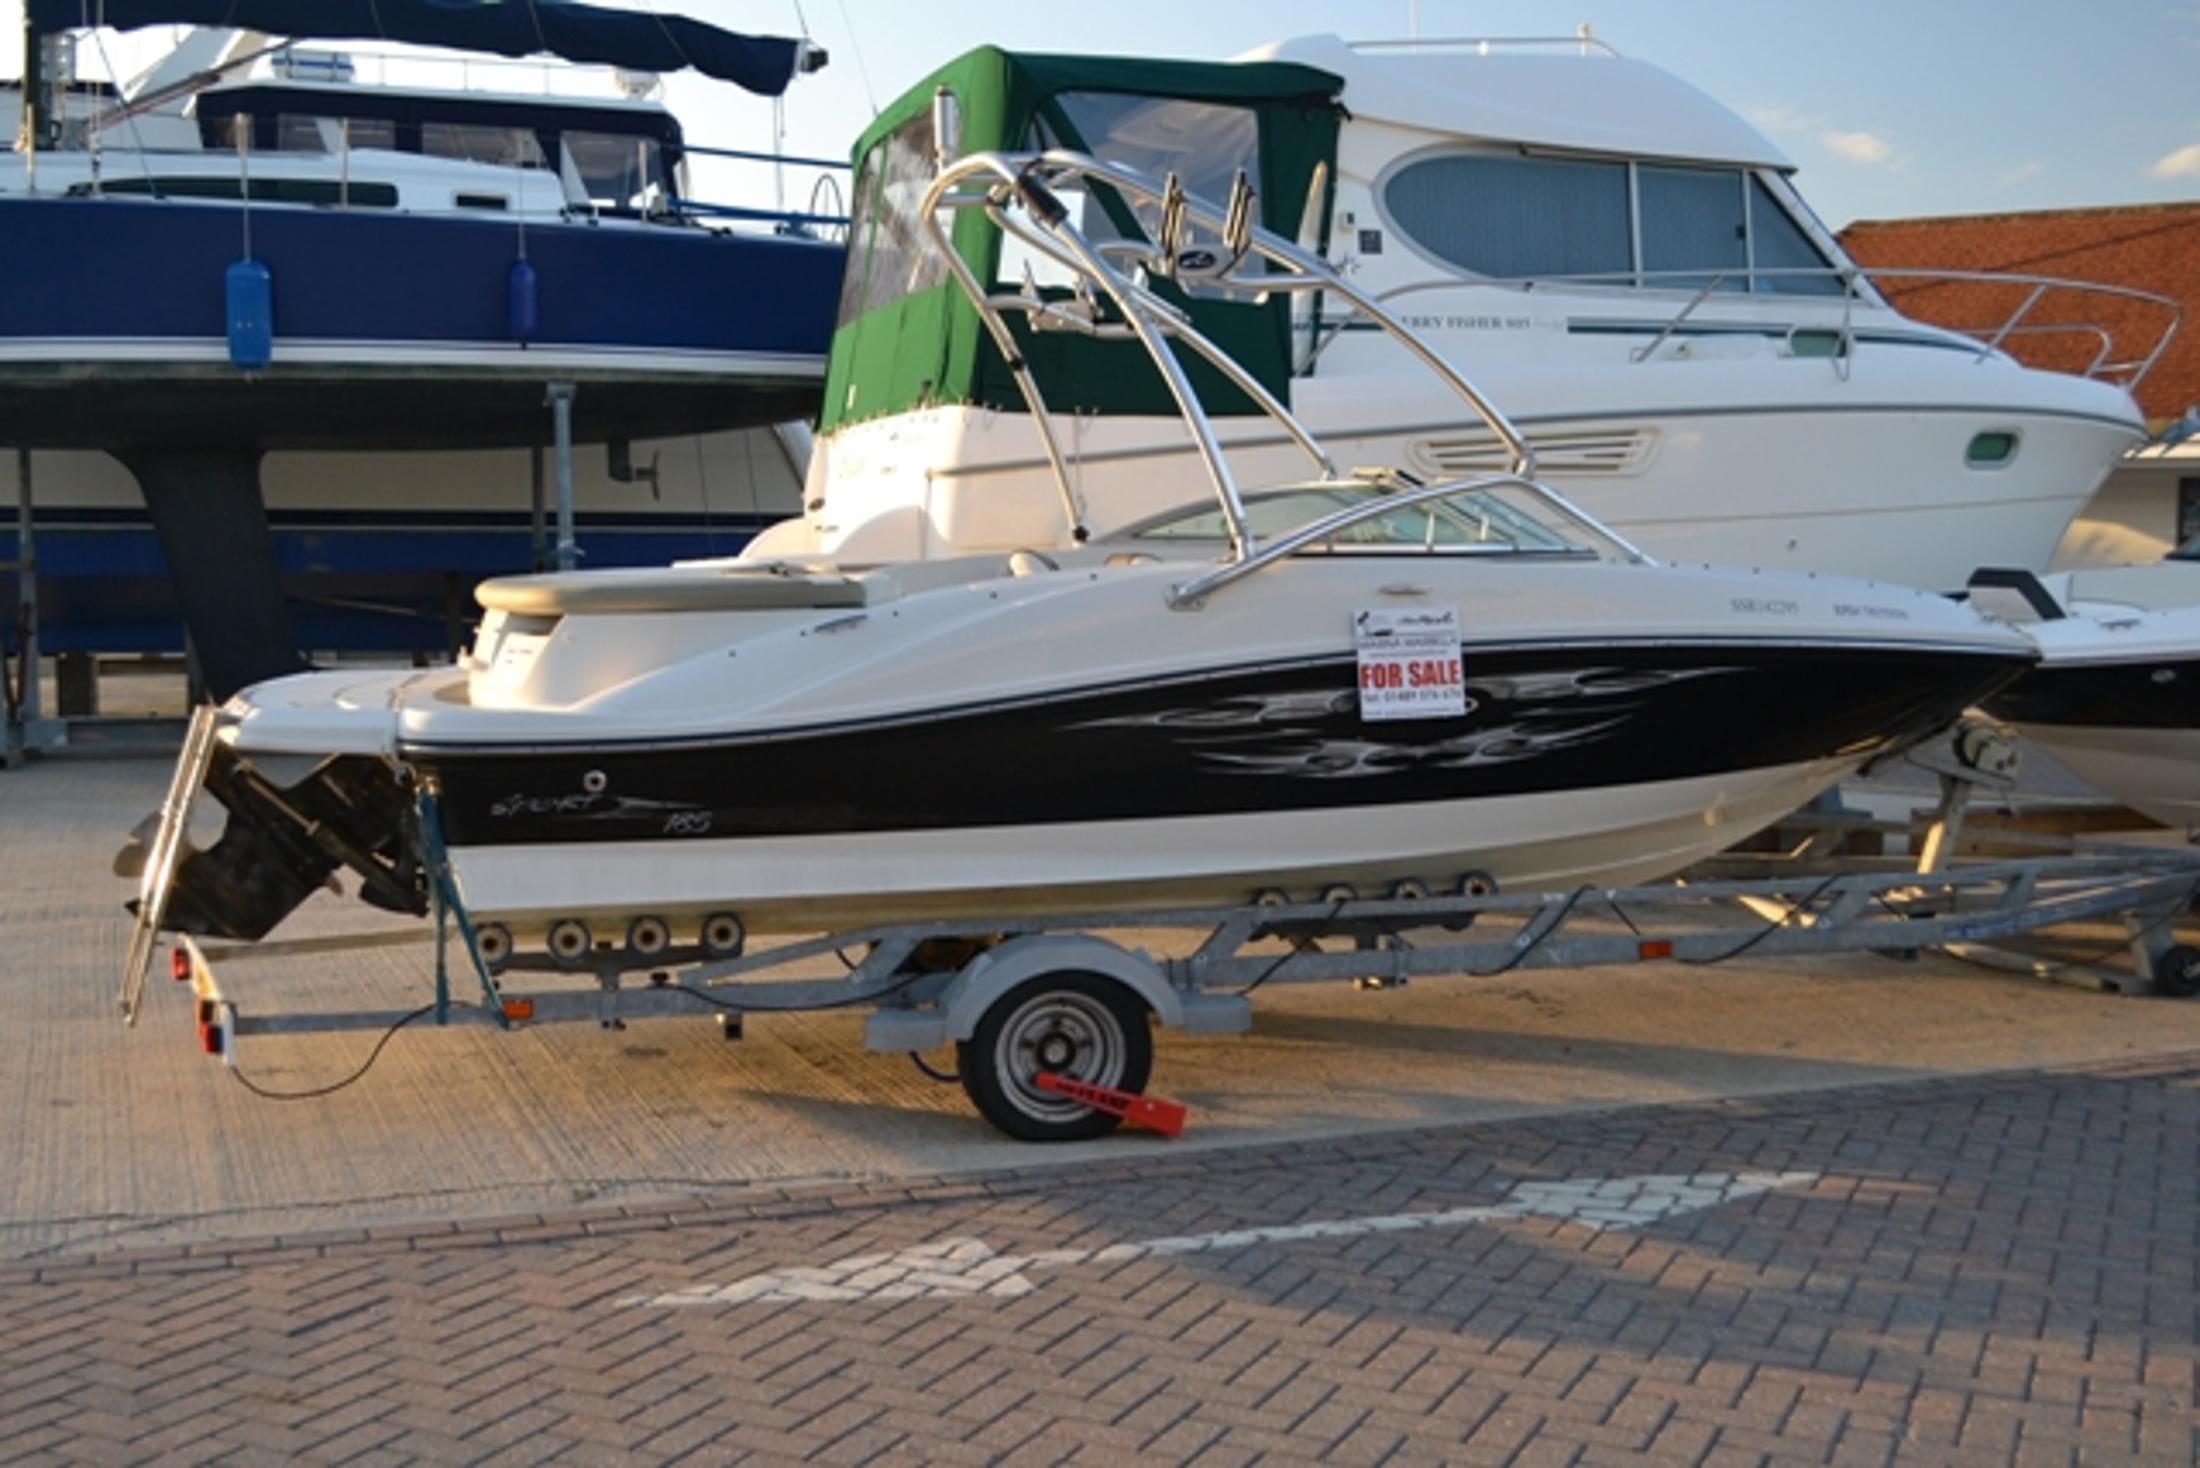 Sea Ray 185 Sport, Southampton